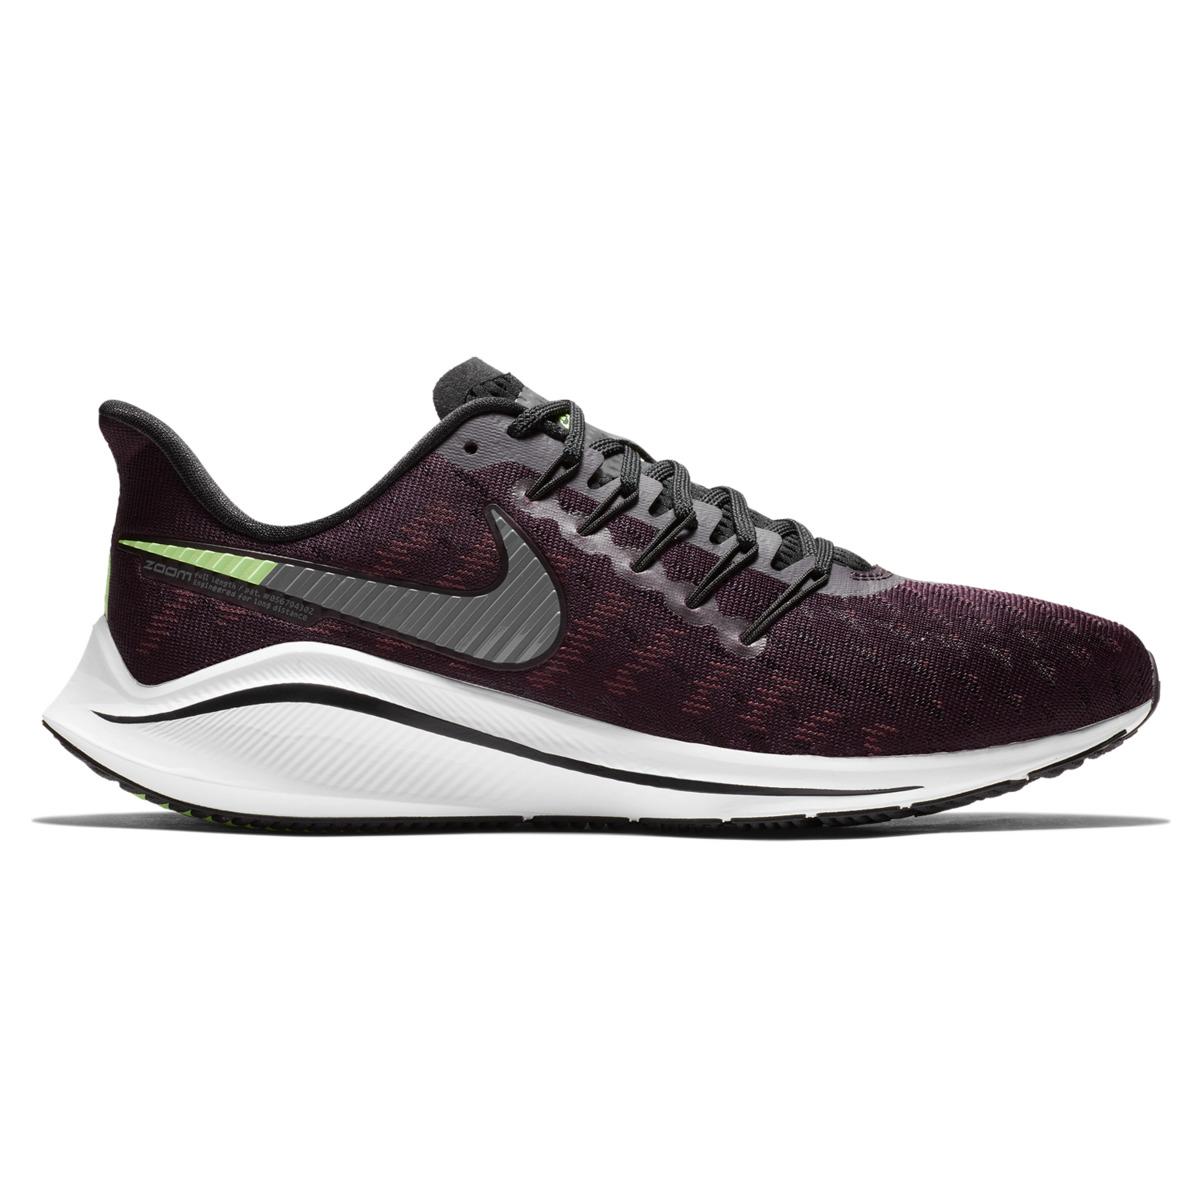 Zapatillas de running de hombre Air Zoom Vomero 14 Nike